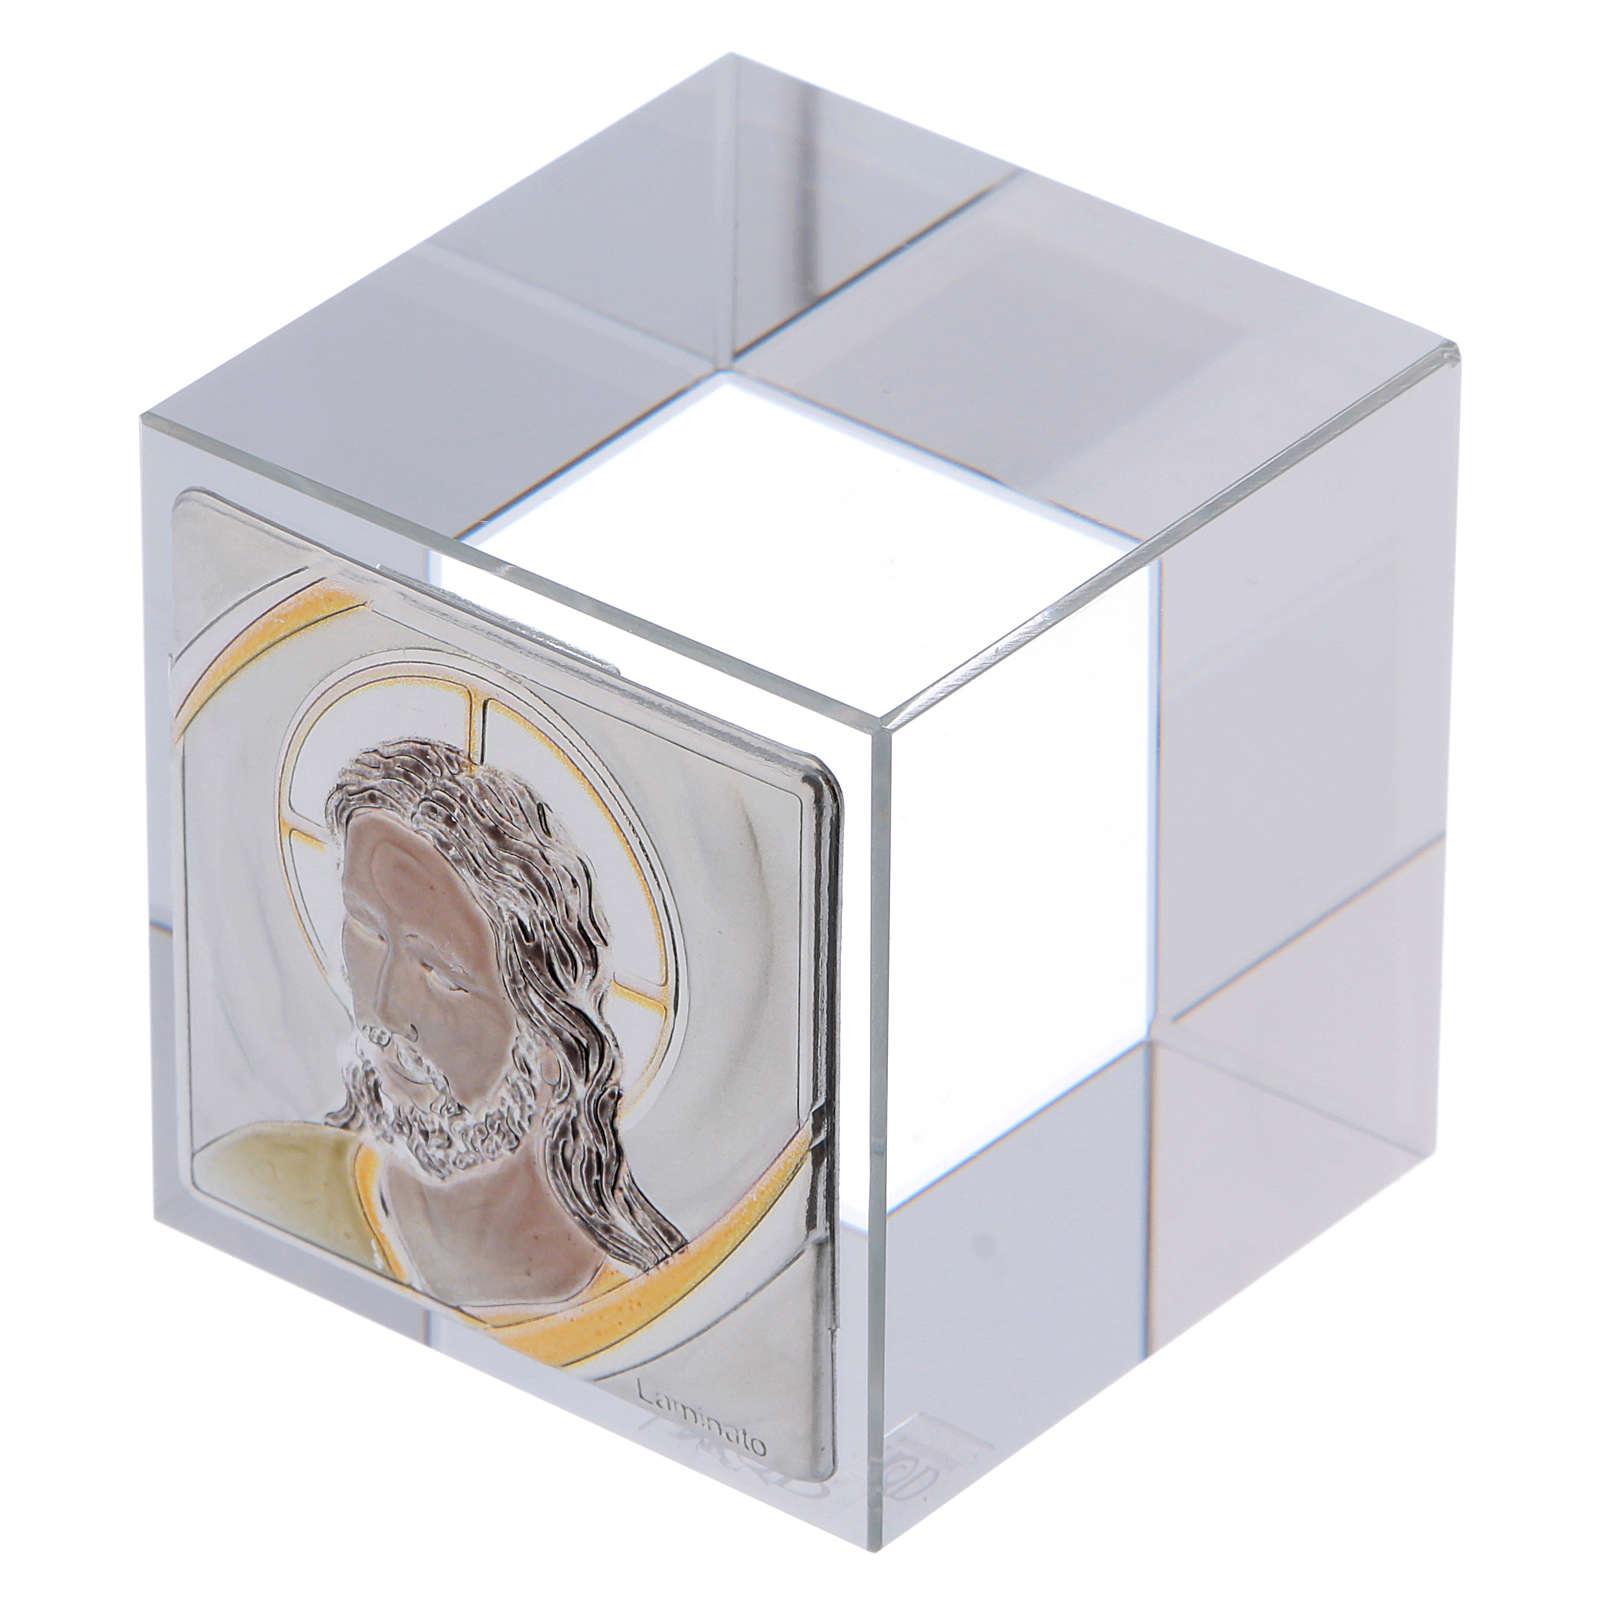 Bomboniera cubo fermacarte con Cristo 5x5x5 cm 3